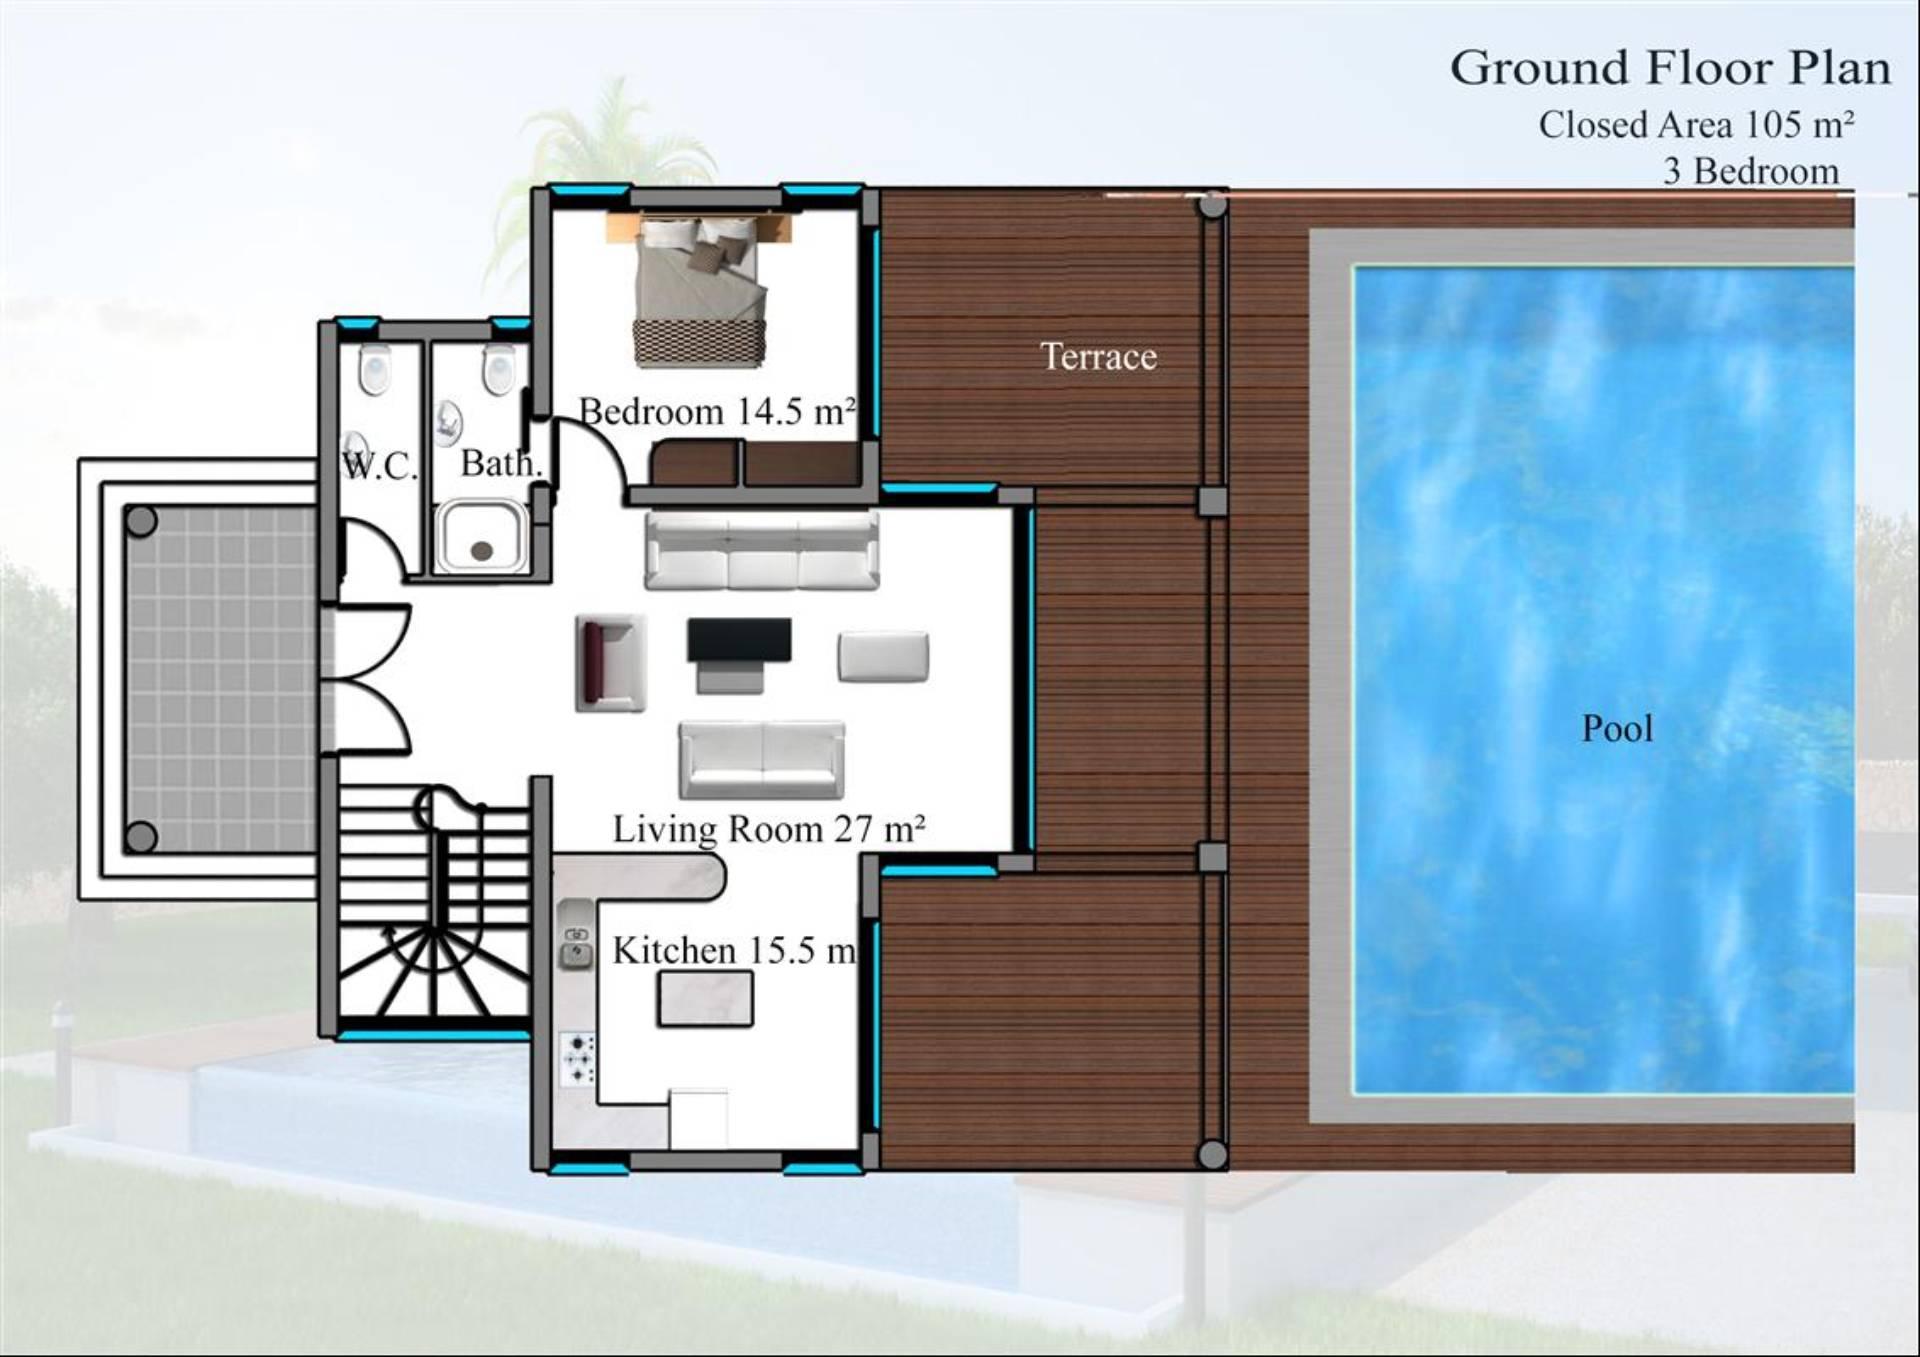 Ground foor plan